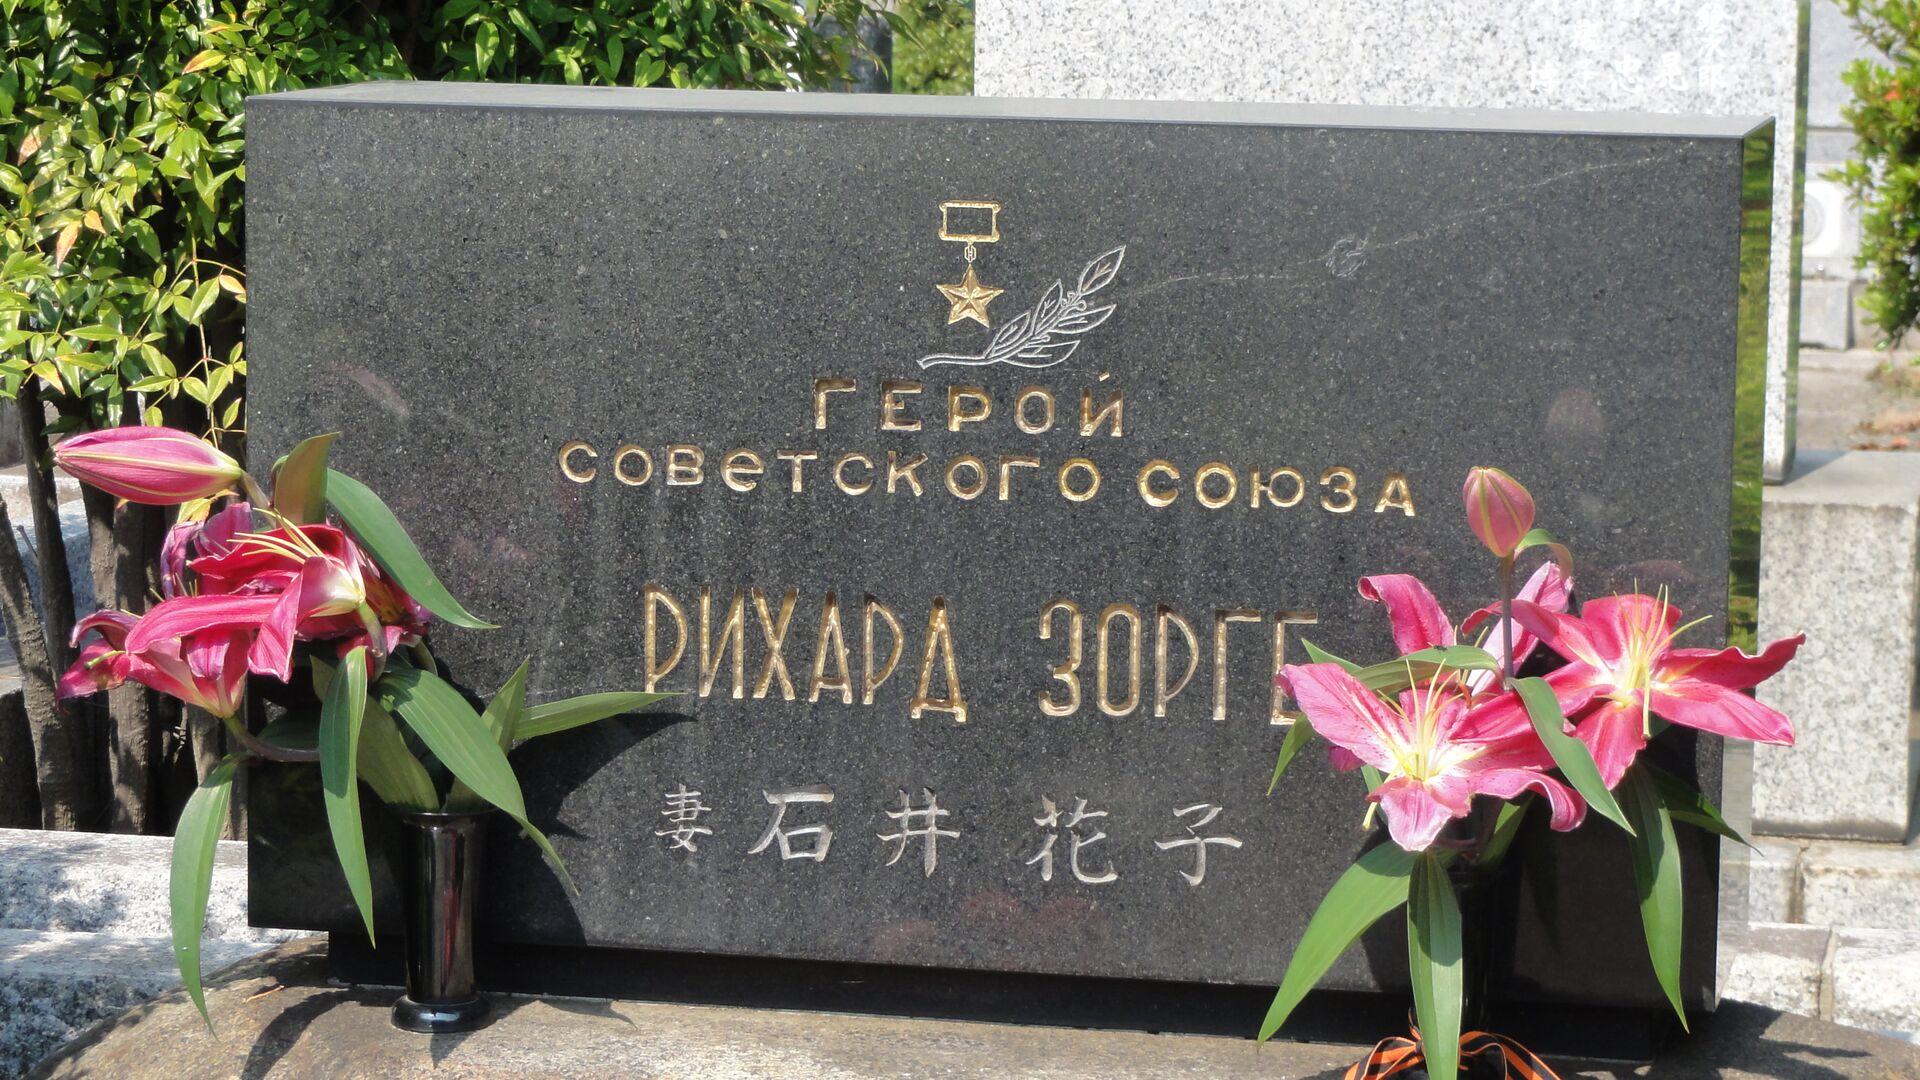 Могила Рихарда Зорге в Японии - РИА Новости, 1920, 09.05.2021